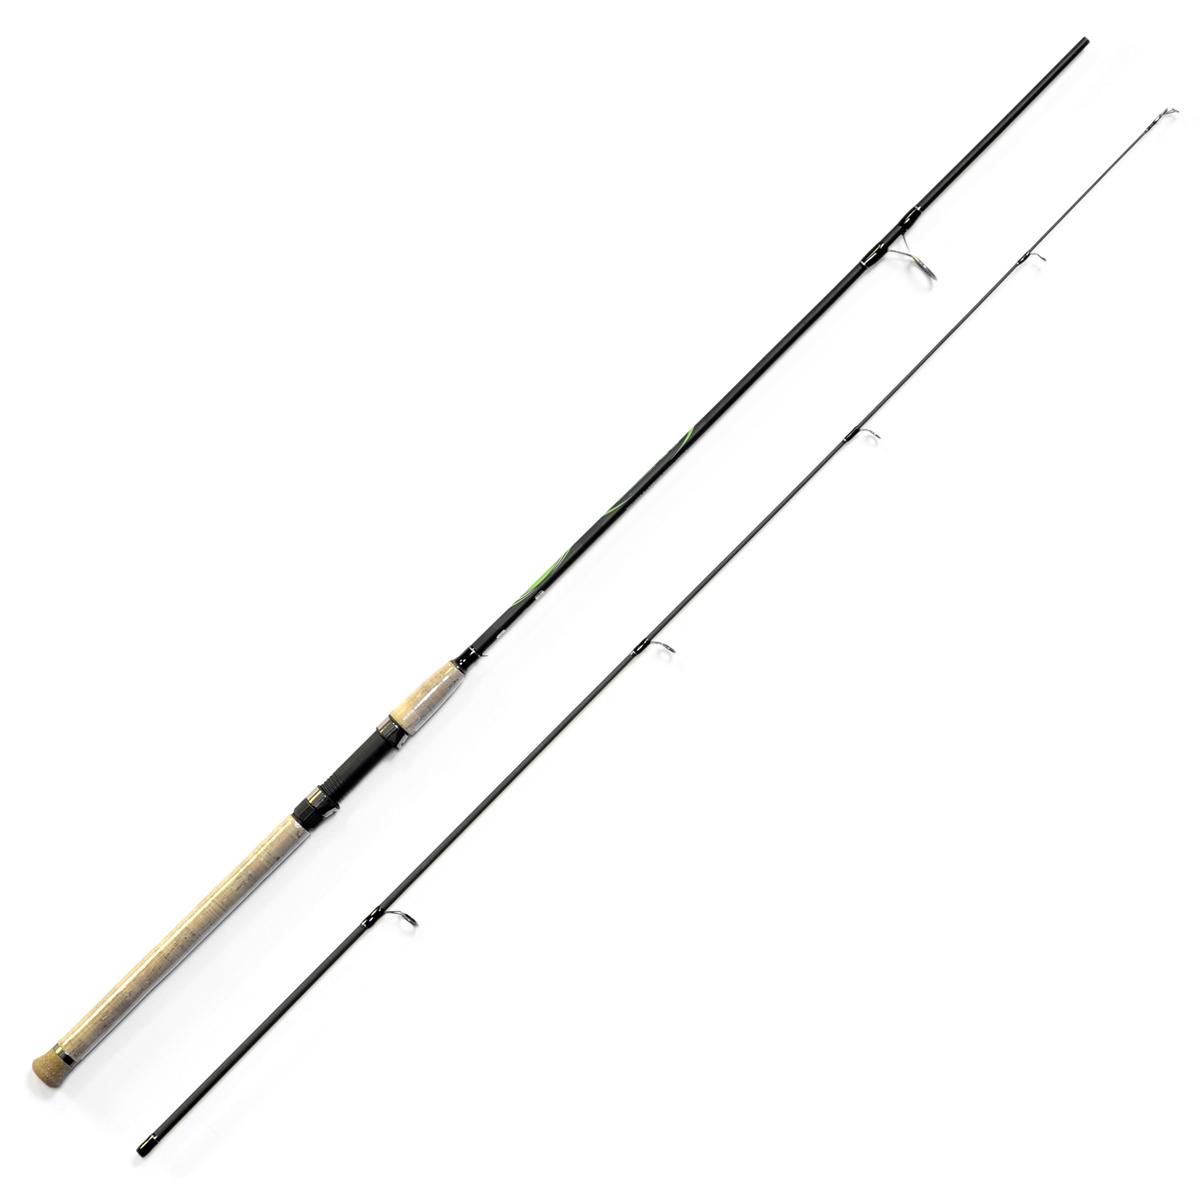 Спиннинг Salmo Sniper SPIN 30 2.70, длина 2,7м, 10-30г2135-270Универсальный спиннинг средне-быстрого строя для ловли на различные приманки, изготовленный из композита. Бланк спиннинга укомплектован облегченными кольцами на высоких ножках со вставками SIC и элегантной рукояткой с пробковым покрытием и облегченным буфером на торце. Соединение колен спиннинга по типу OVER STEEK. Все спиннинги имеют одинаковый тест 10-30 г. - Материал бланка удилища – композит - Строй бланка средне-быстрый - Класс спиннинга M - Конструкция штекерная - Соединение колен типа OVER STEEK - Кольца пропускные: – облегченные большие – со вставками SIC – с расстановкой по классической концепции - Рукоятка: – пробковая - Катушкодержатель: – винтового типа - Проволочная петля для закрепления приманок